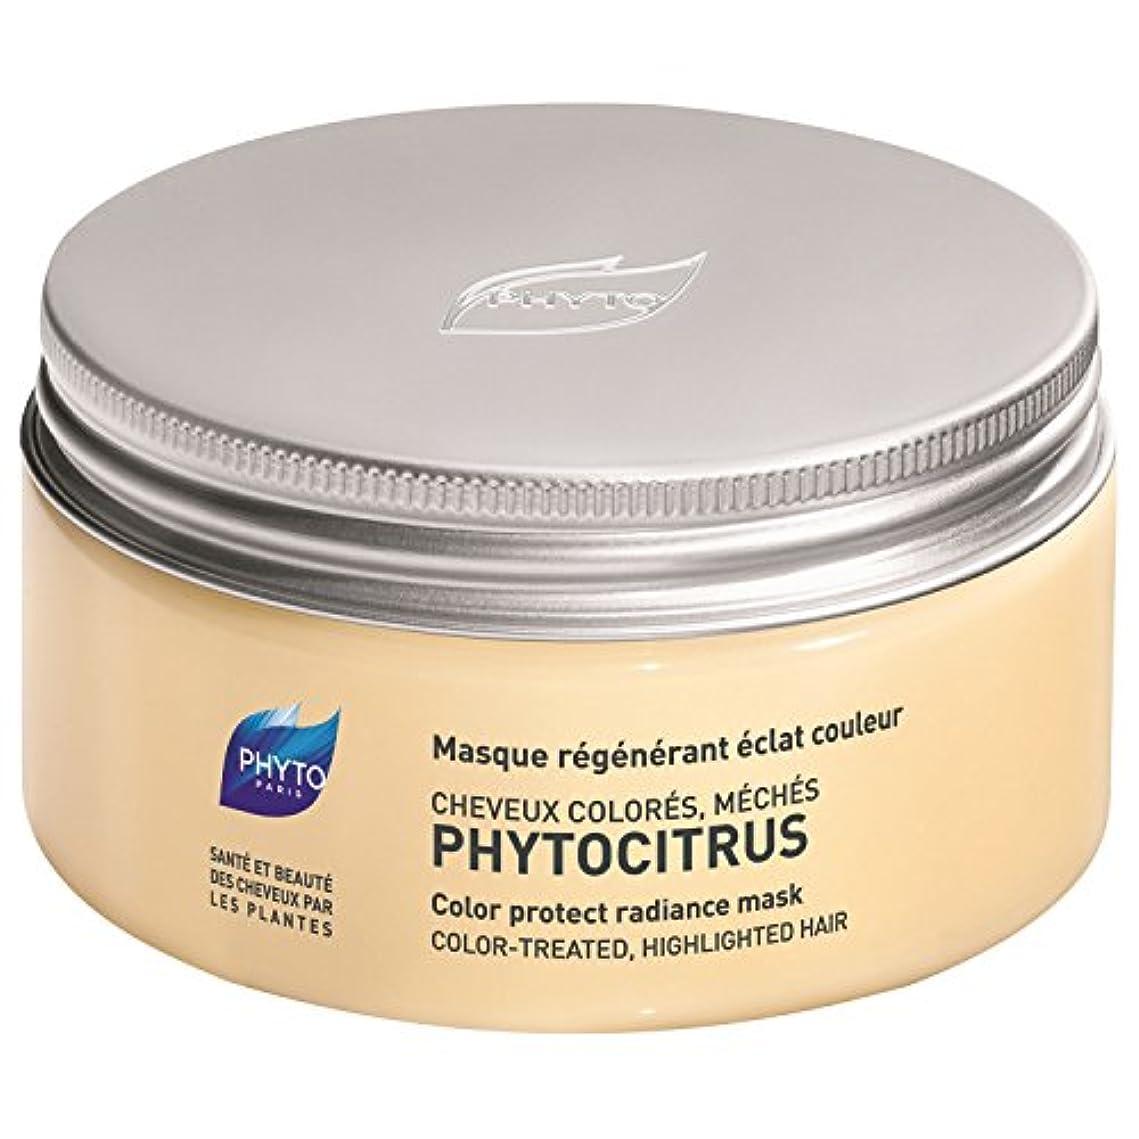 逮捕式最適フィトPhytocitrus色保護放射輝度マスク200ミリリットル (Phyto) (x2) - Phyto Phytocitrus Colour Protect Radiance Mask 200ml (Pack of...